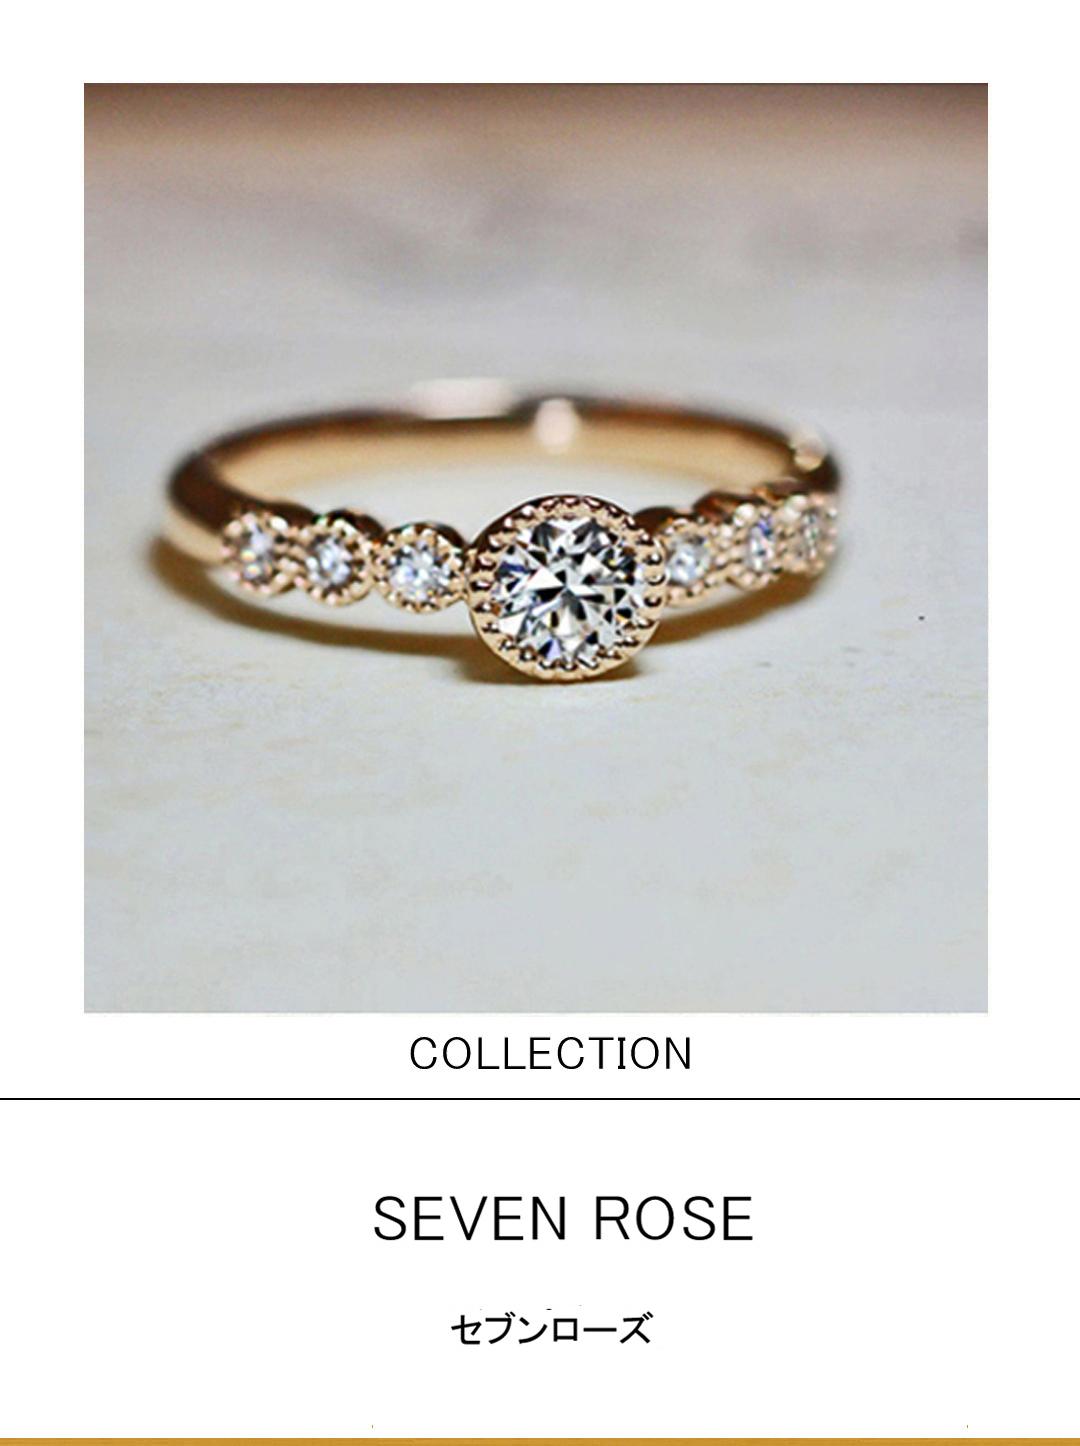 7つのバラをピンクゴールドでデザインした婚約指輪コレクションのサムネイル